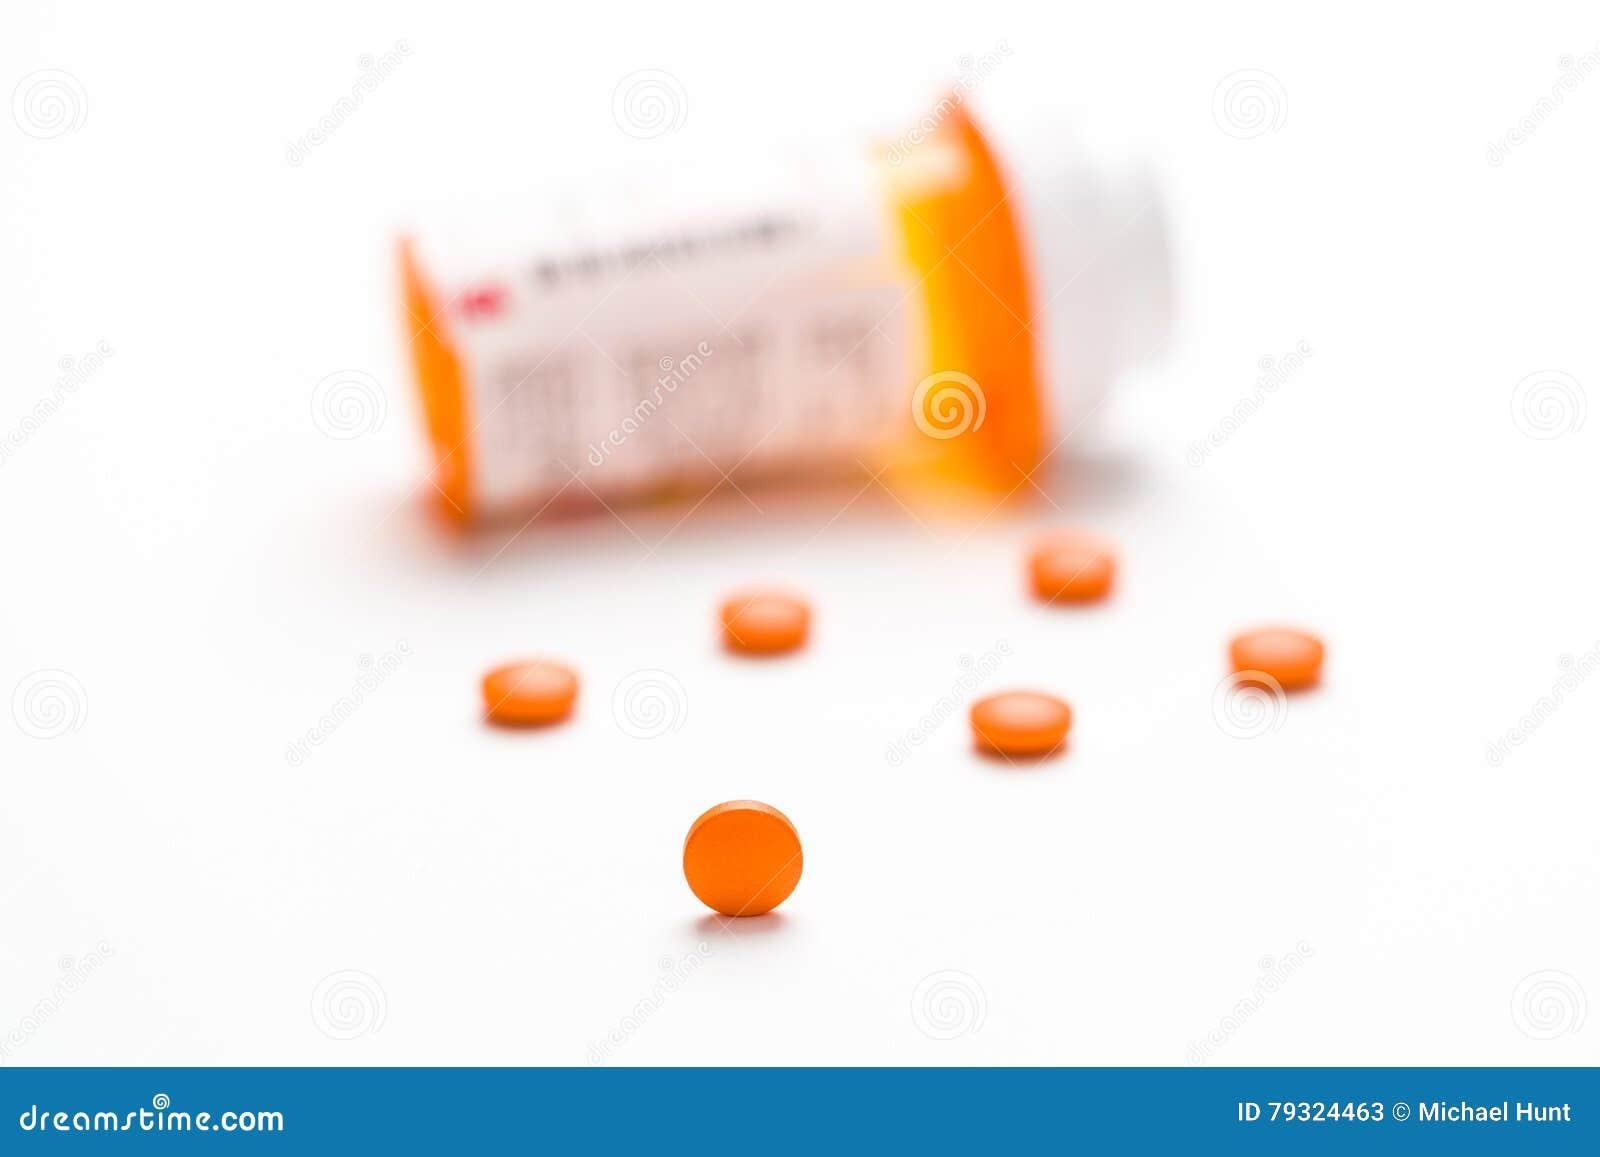 Medicamentação, comprimidos que derramam para fora em uma superfície branca